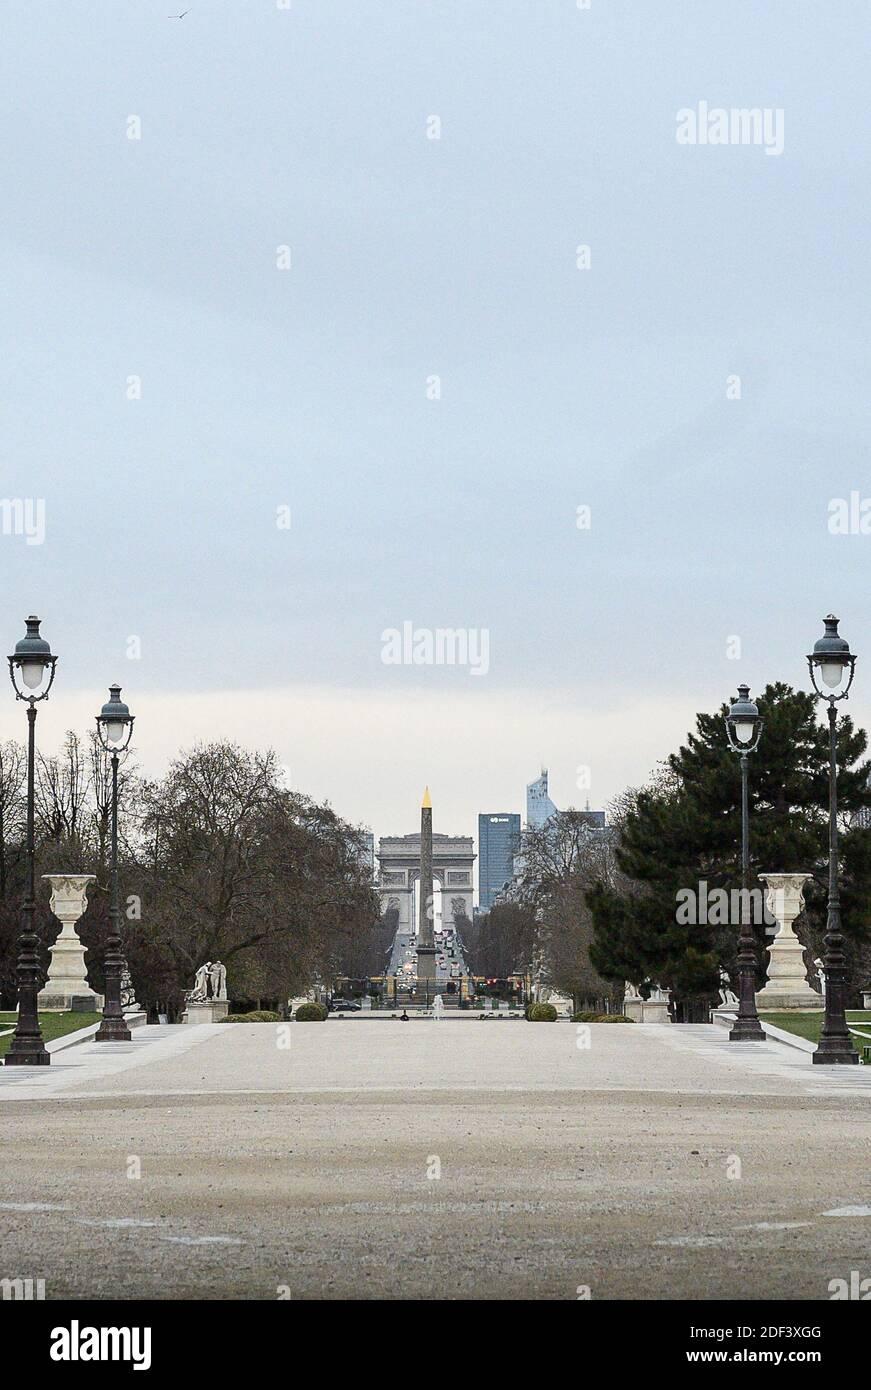 ILUSTRACIÓN: París está vacía. Esta foto fue tomada el 14 de marzo de 2020 y muestra el Jardín de las Tullerías, el obelisco de la Concordia y el Arco del Triunfo sin gente. Foto de Eliot Blondt/ABACAPRESS.COM Foto de stock